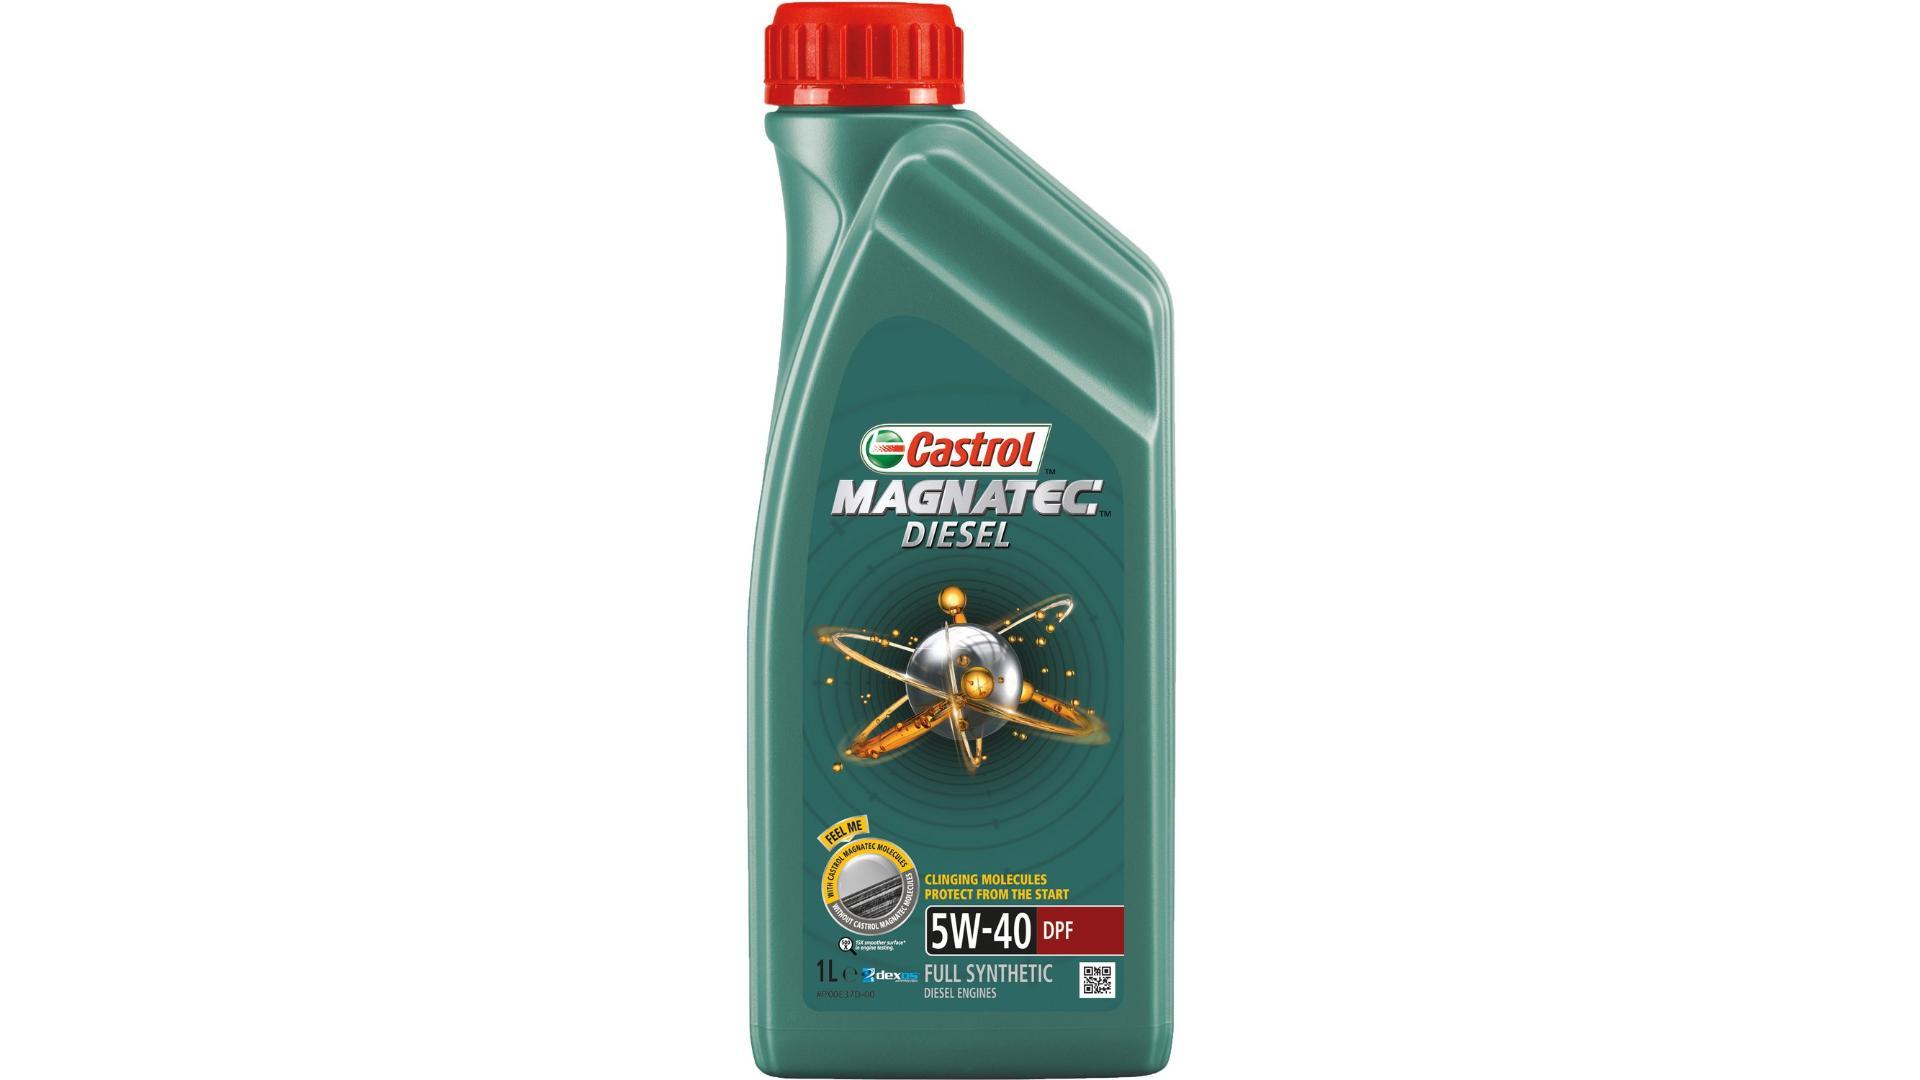 Castrol Magnatec Diesel 5W40 B4/DPF 1L